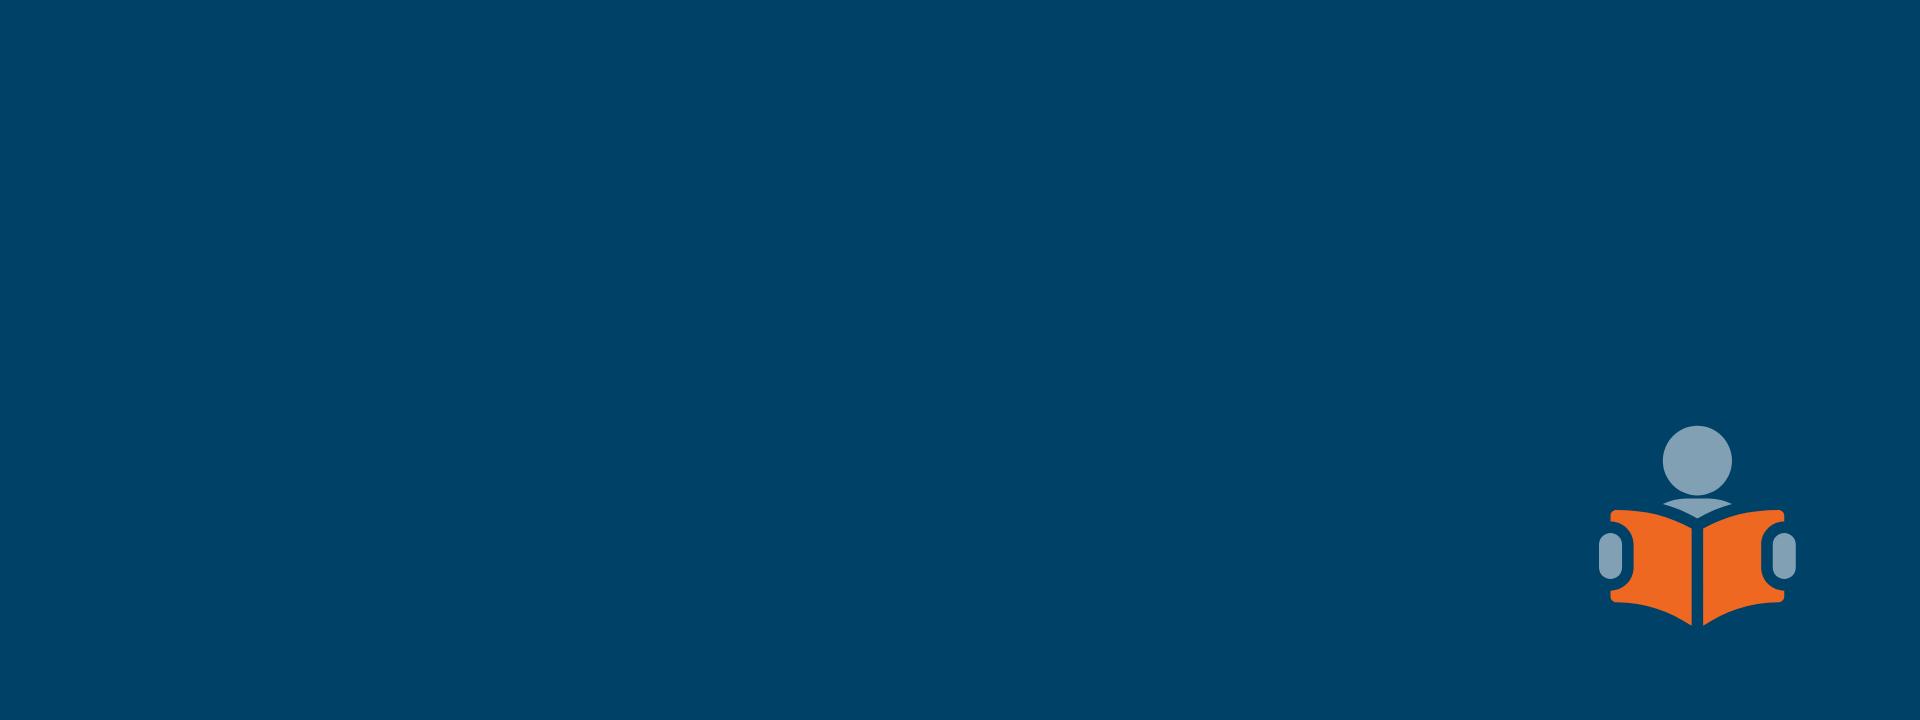 Comercio Electrónico Transfronterizo y herramientas de Comercio Exterior para Pymes 